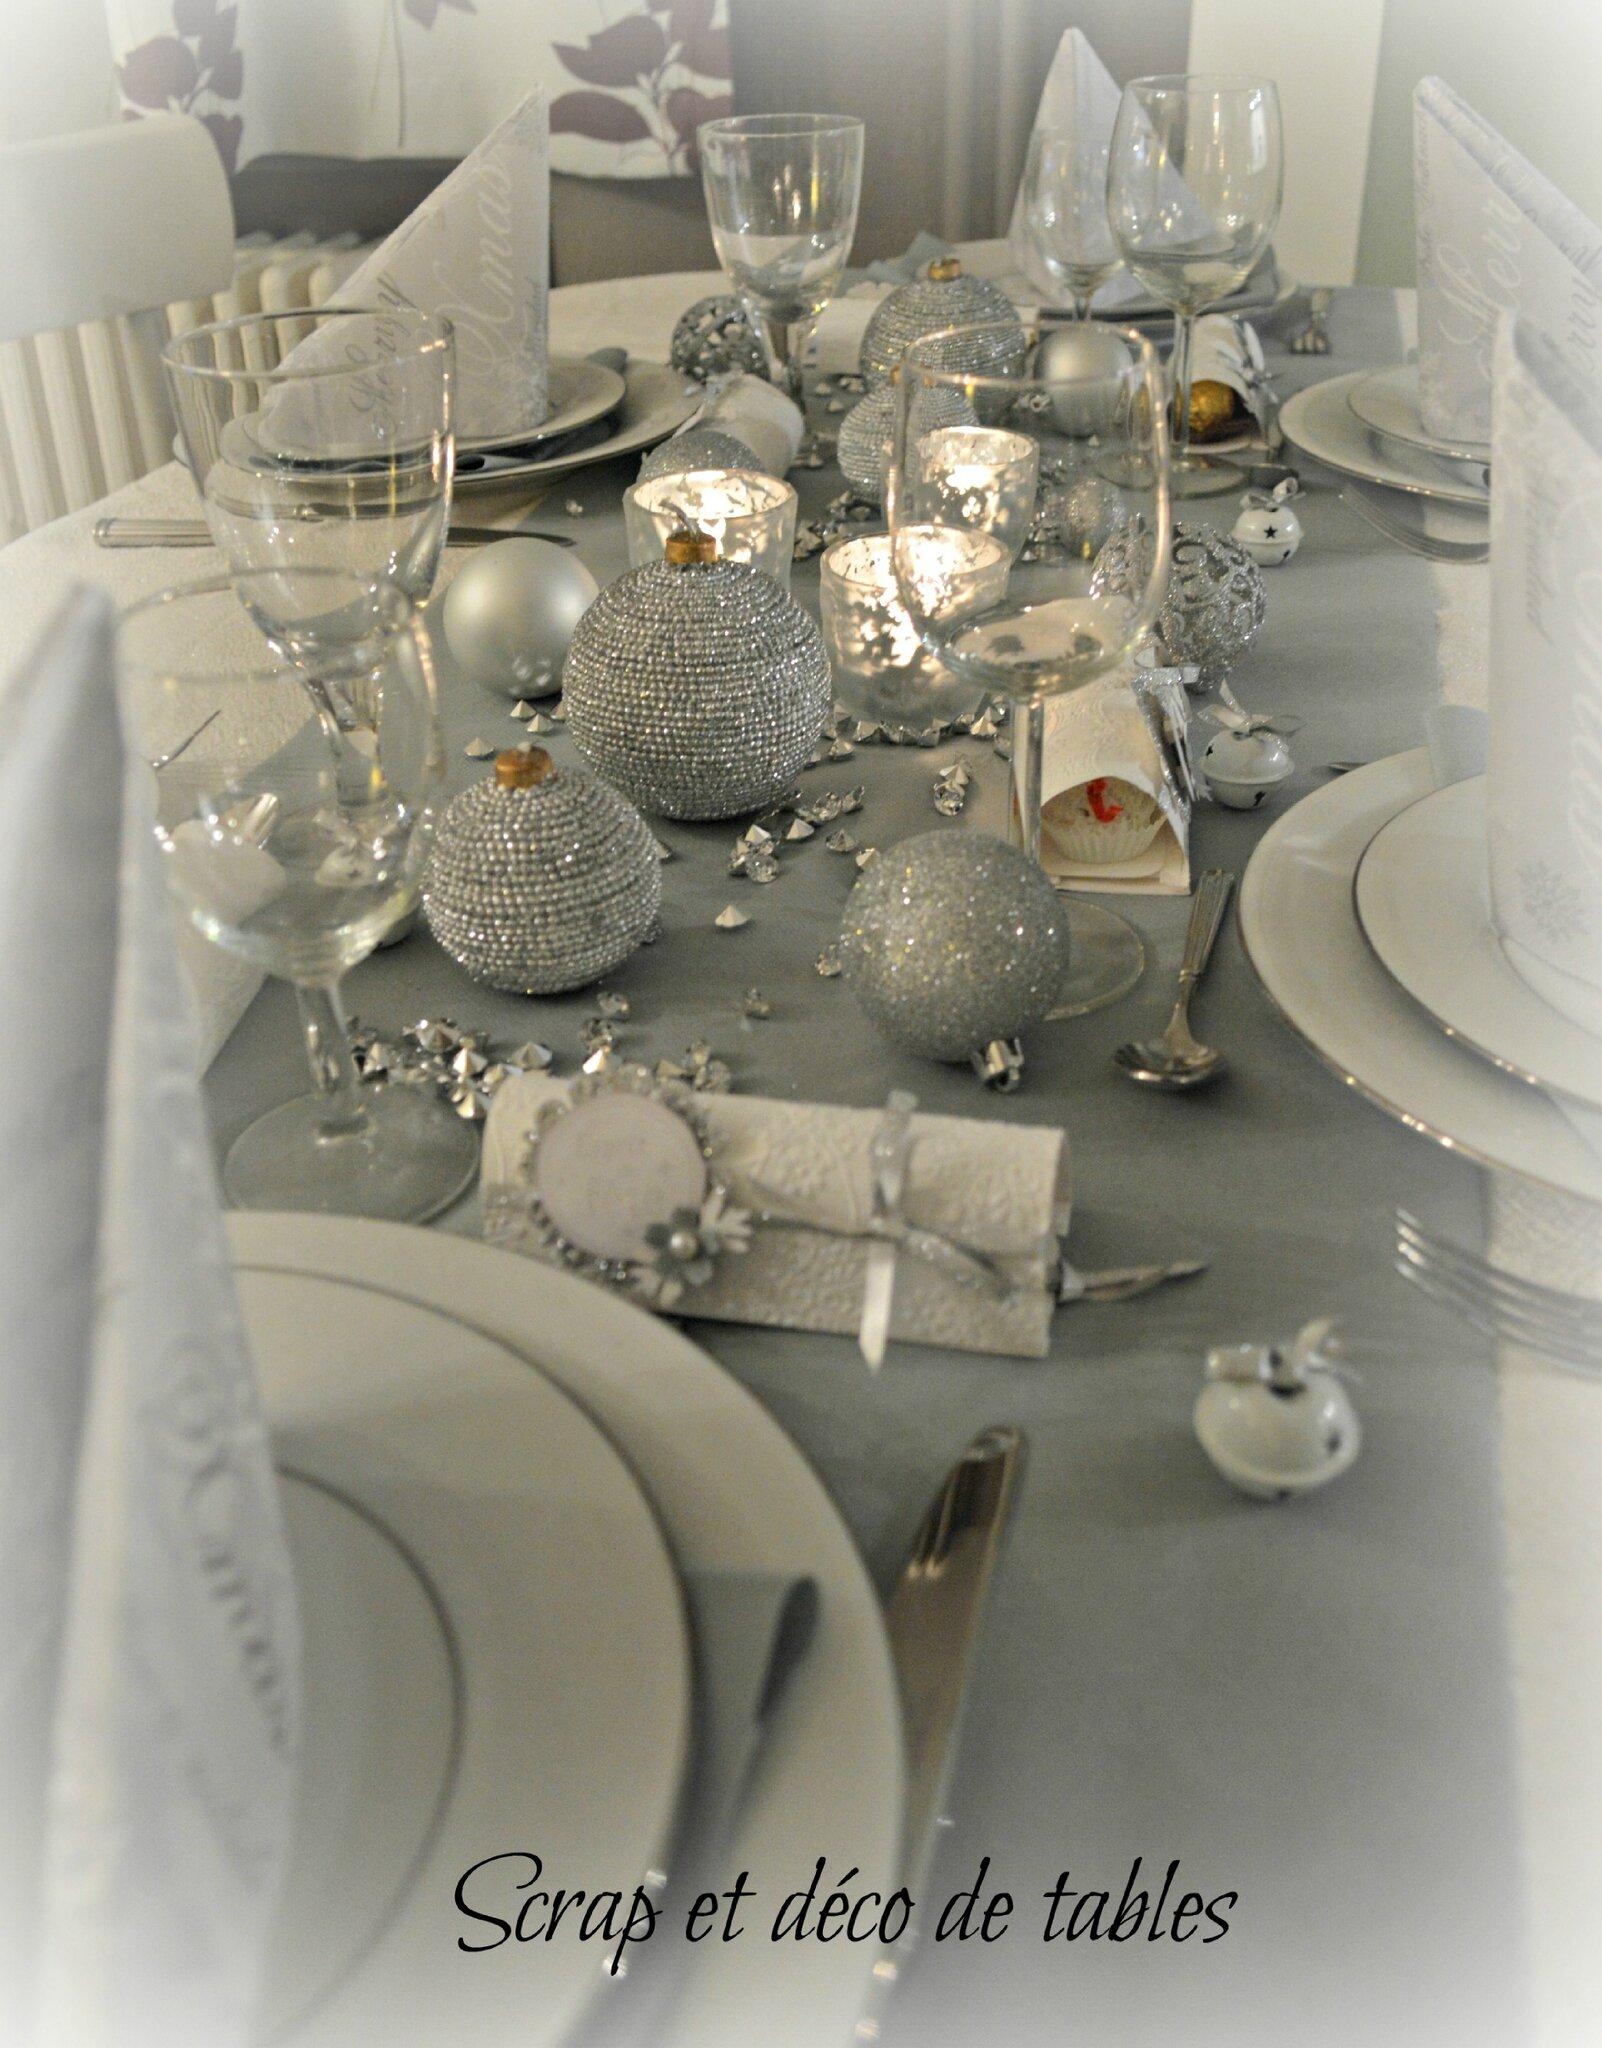 #9D732E DECO DE TABLES DE NOËL ARGENTÉE Scrap Et Déco De Tables 6185 decoration de table de noel en scrap 1602x2048 px @ aertt.com